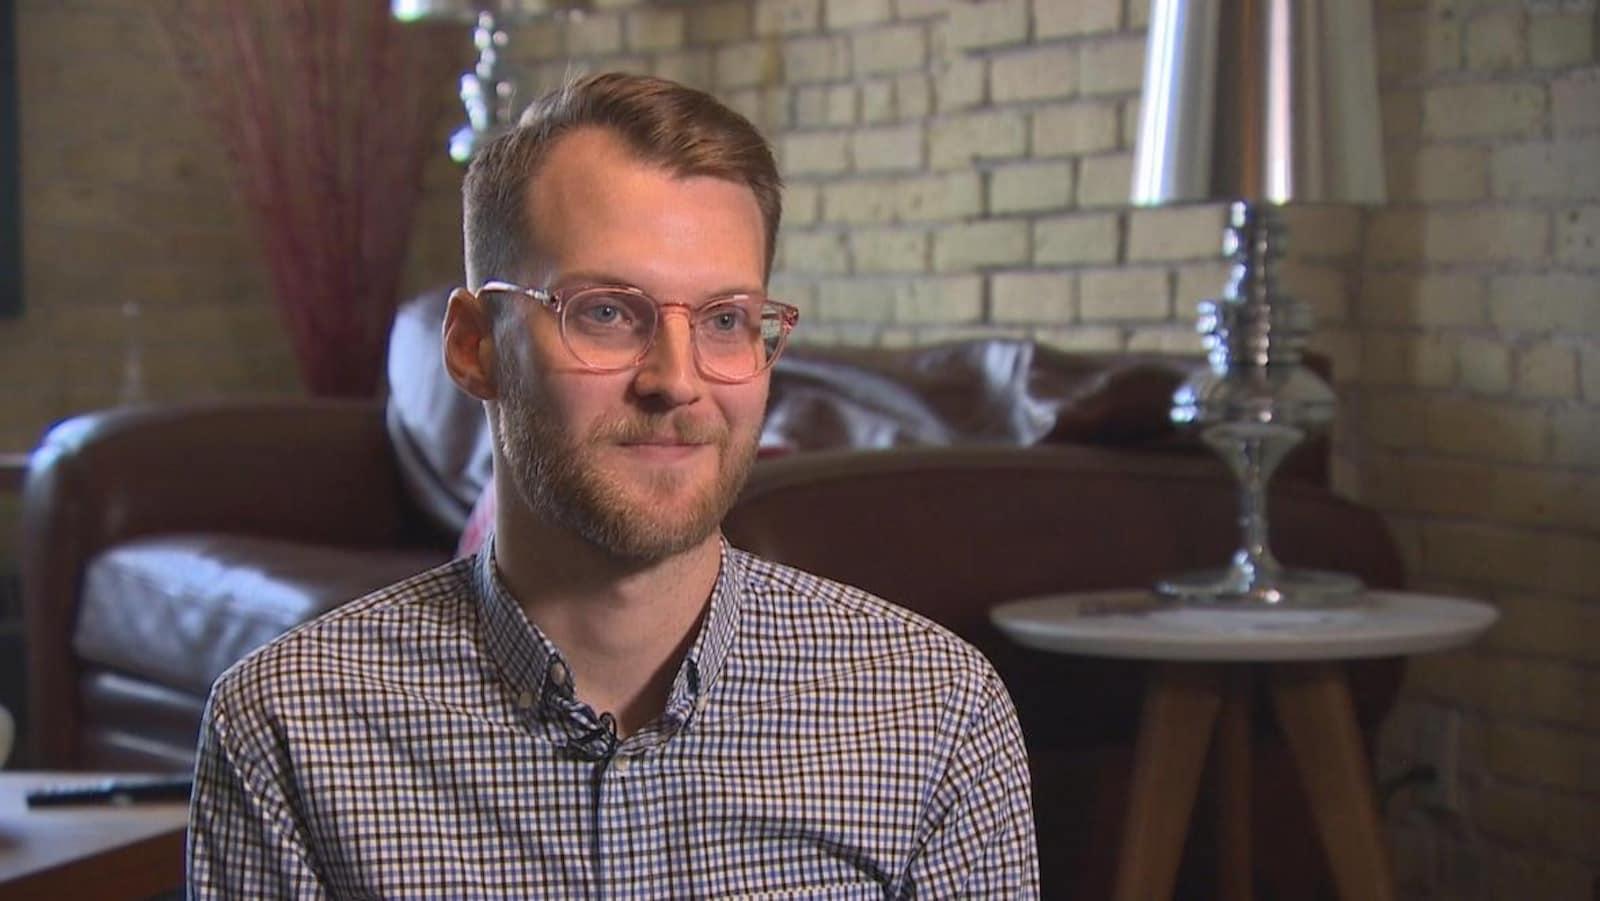 Un jeune homme blond à lunettes, dans un salon.